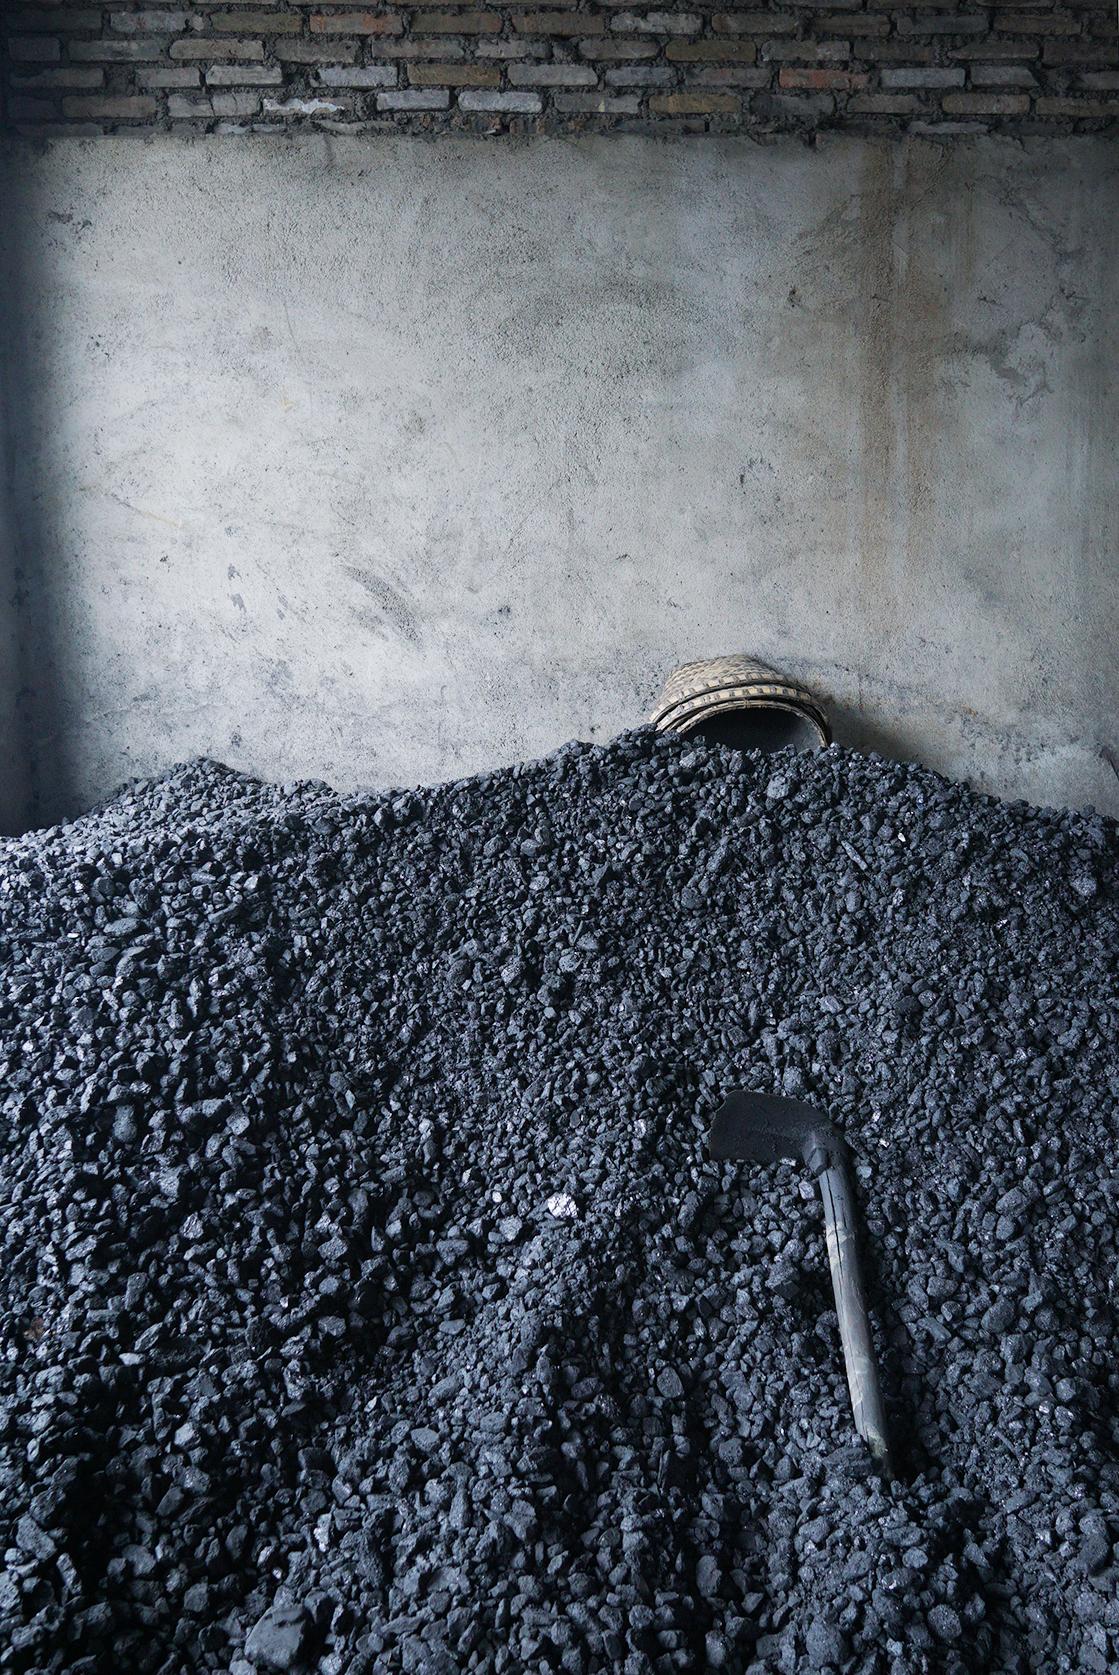 munoz-josefina-design-black-vases-ceramic-9.jpg